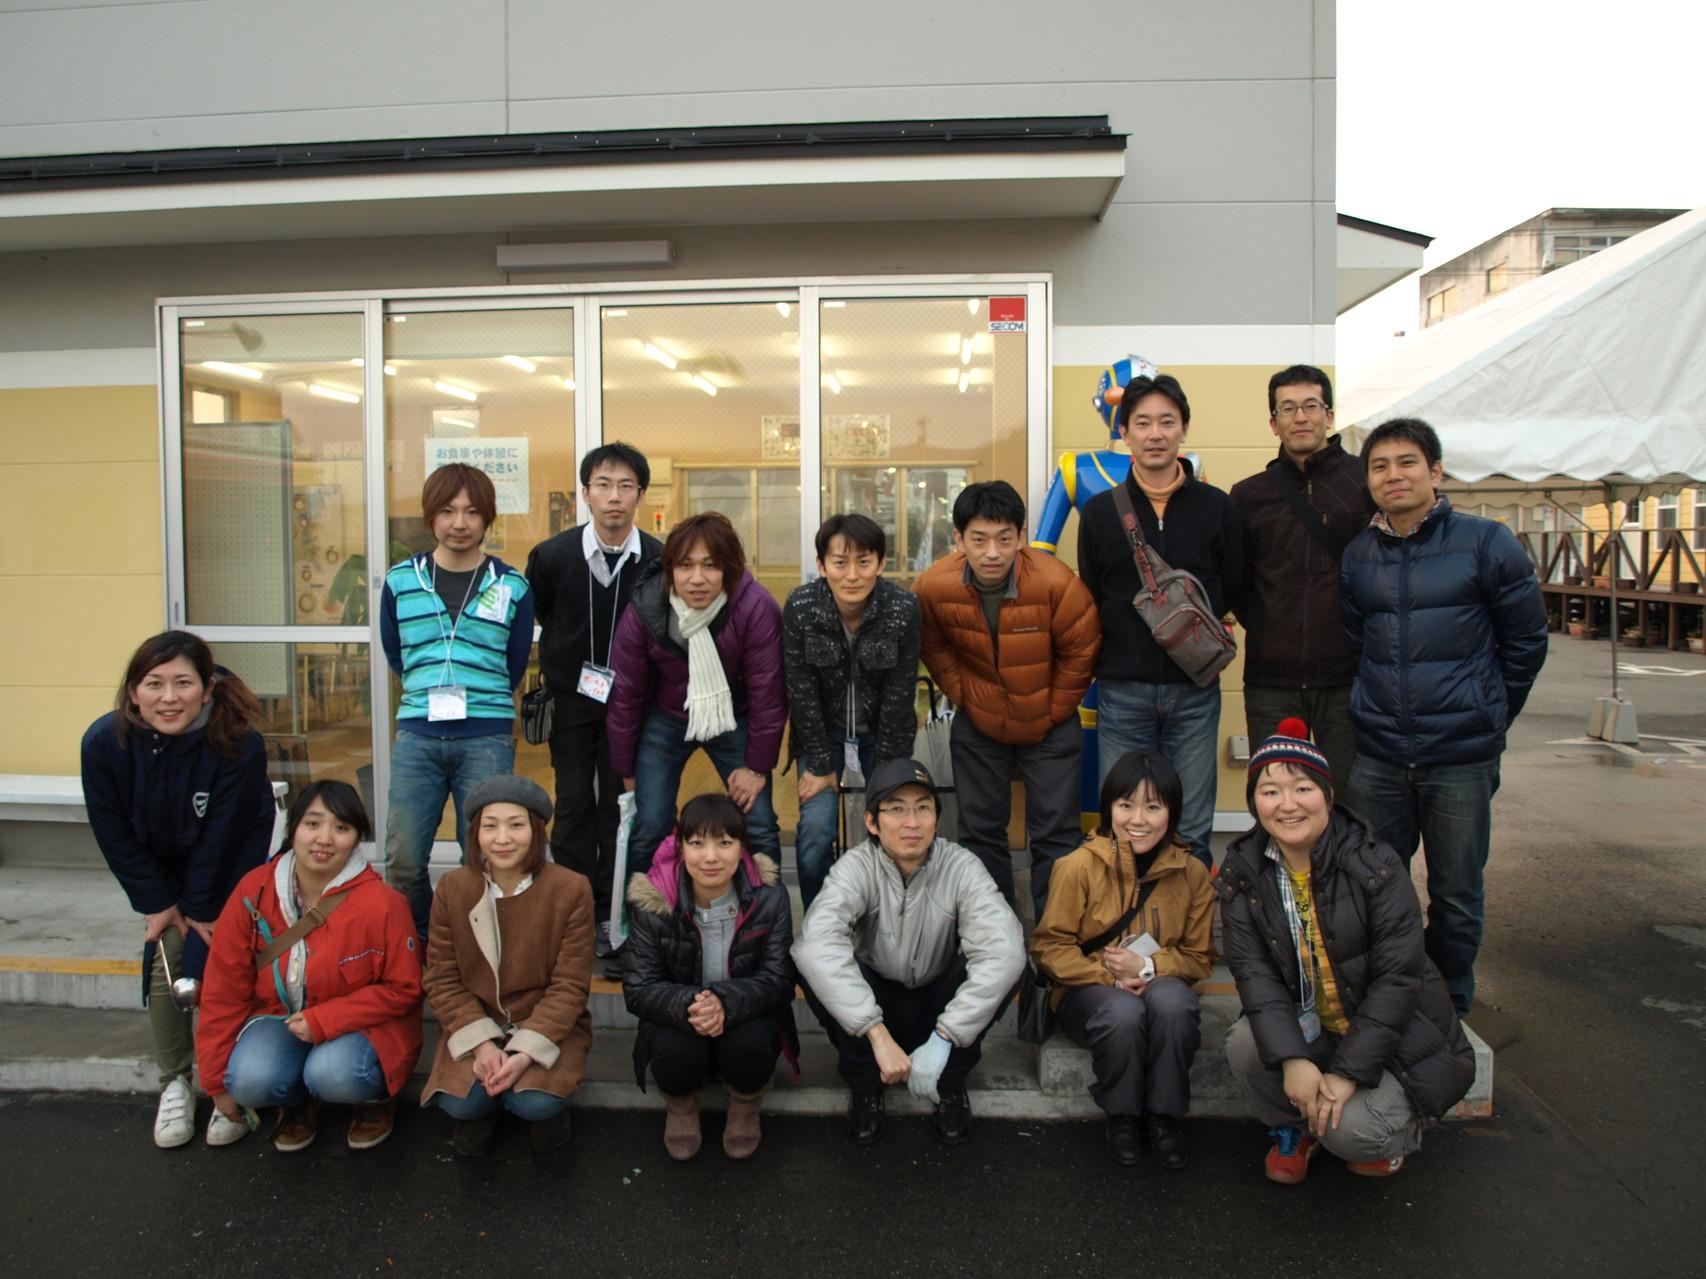 市nomaki、マルシェのメンバーと共に。今回も多くの方に喜んでいただきました!